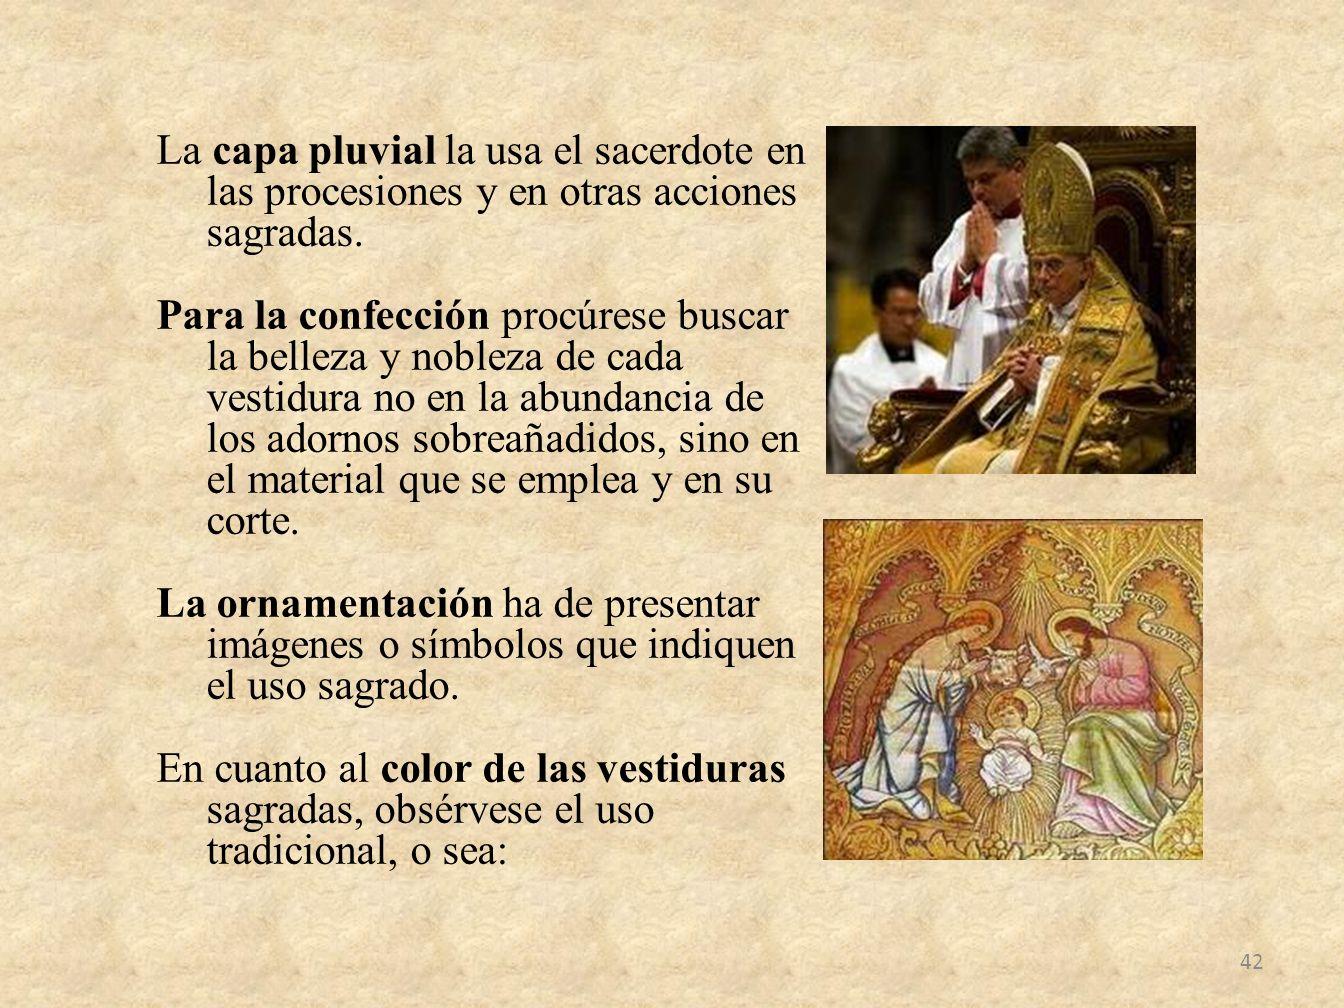 La capa pluvial la usa el sacerdote en las procesiones y en otras acciones sagradas. Para la confección procúrese buscar la belleza y nobleza de cada